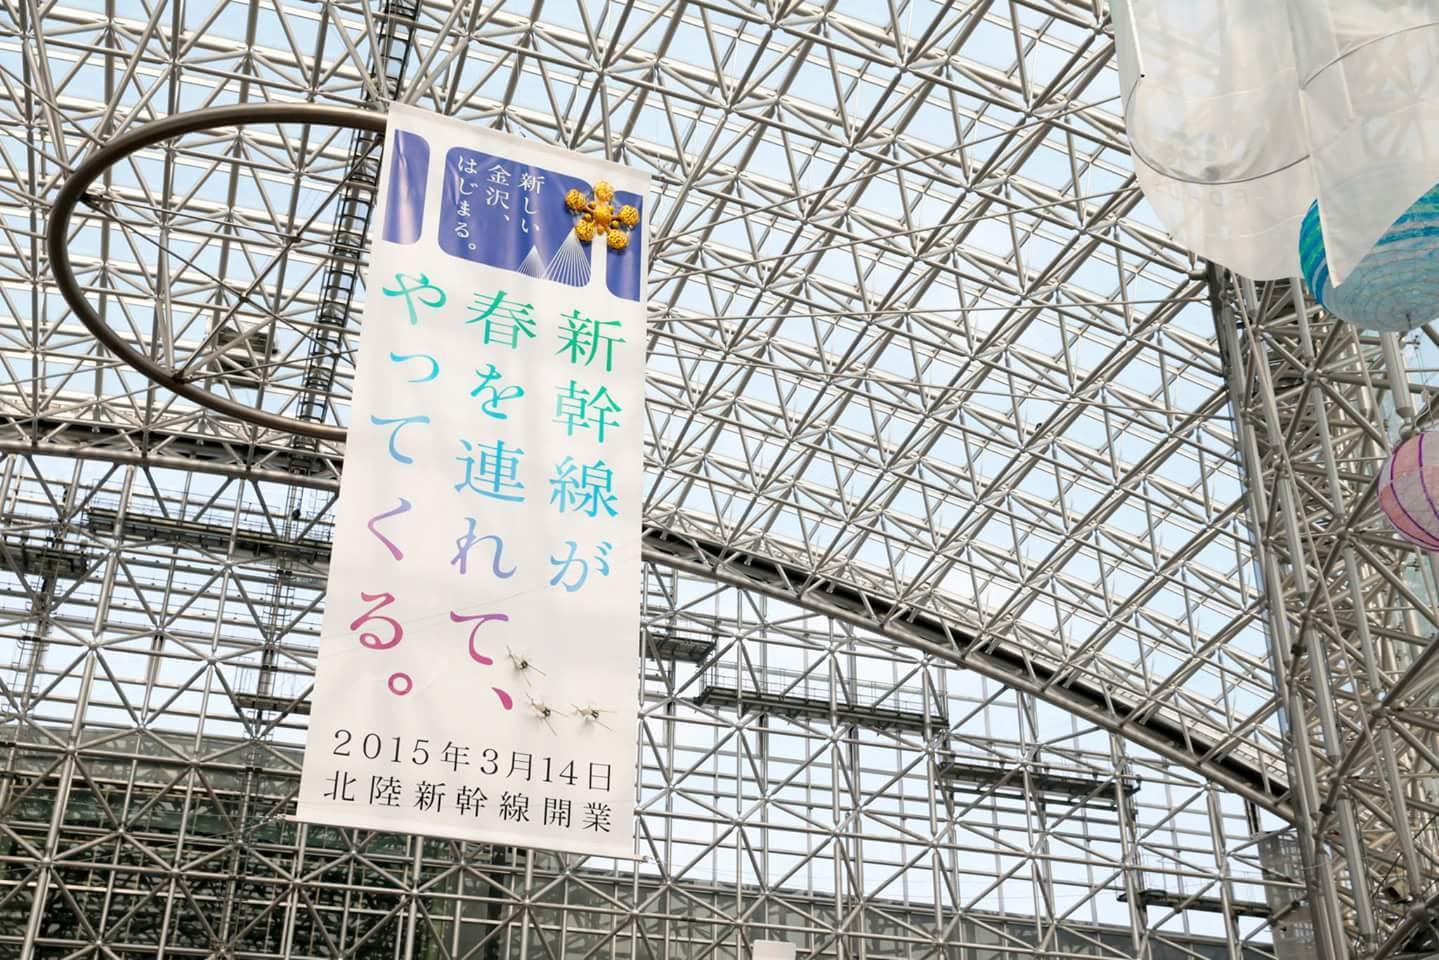 金澤文香プロジェクト設立 _e0334462_22300579.jpg